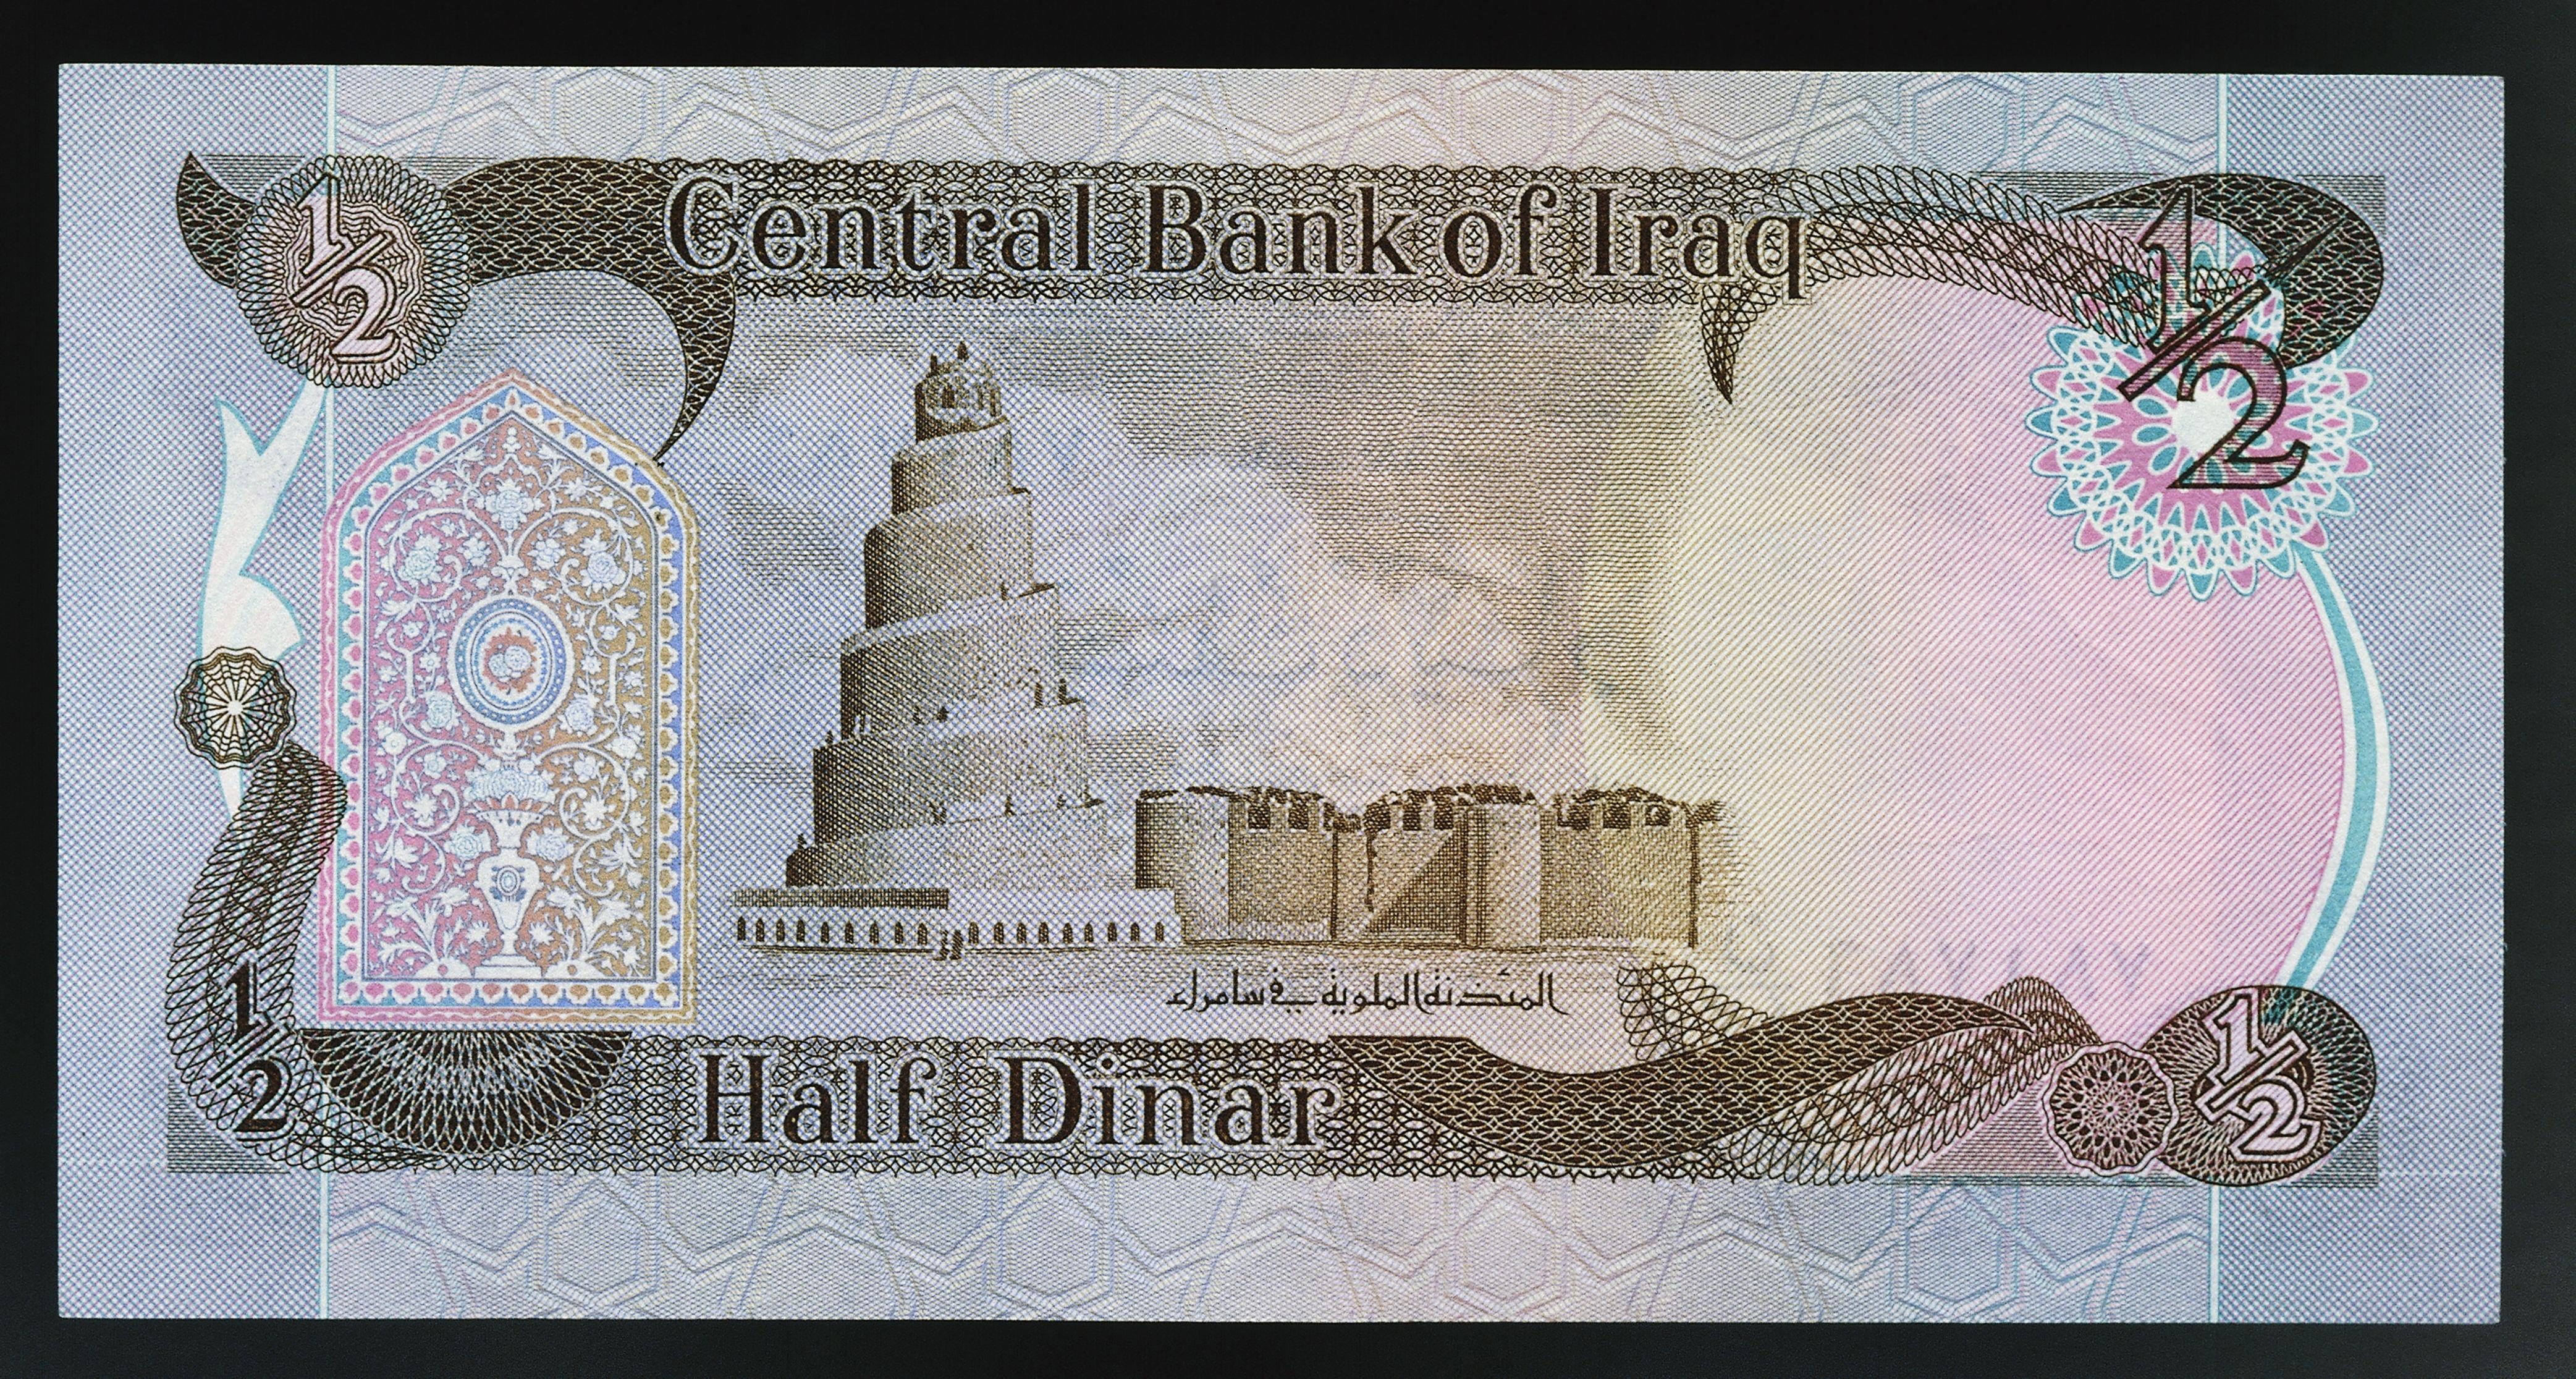 Half dinar banknote